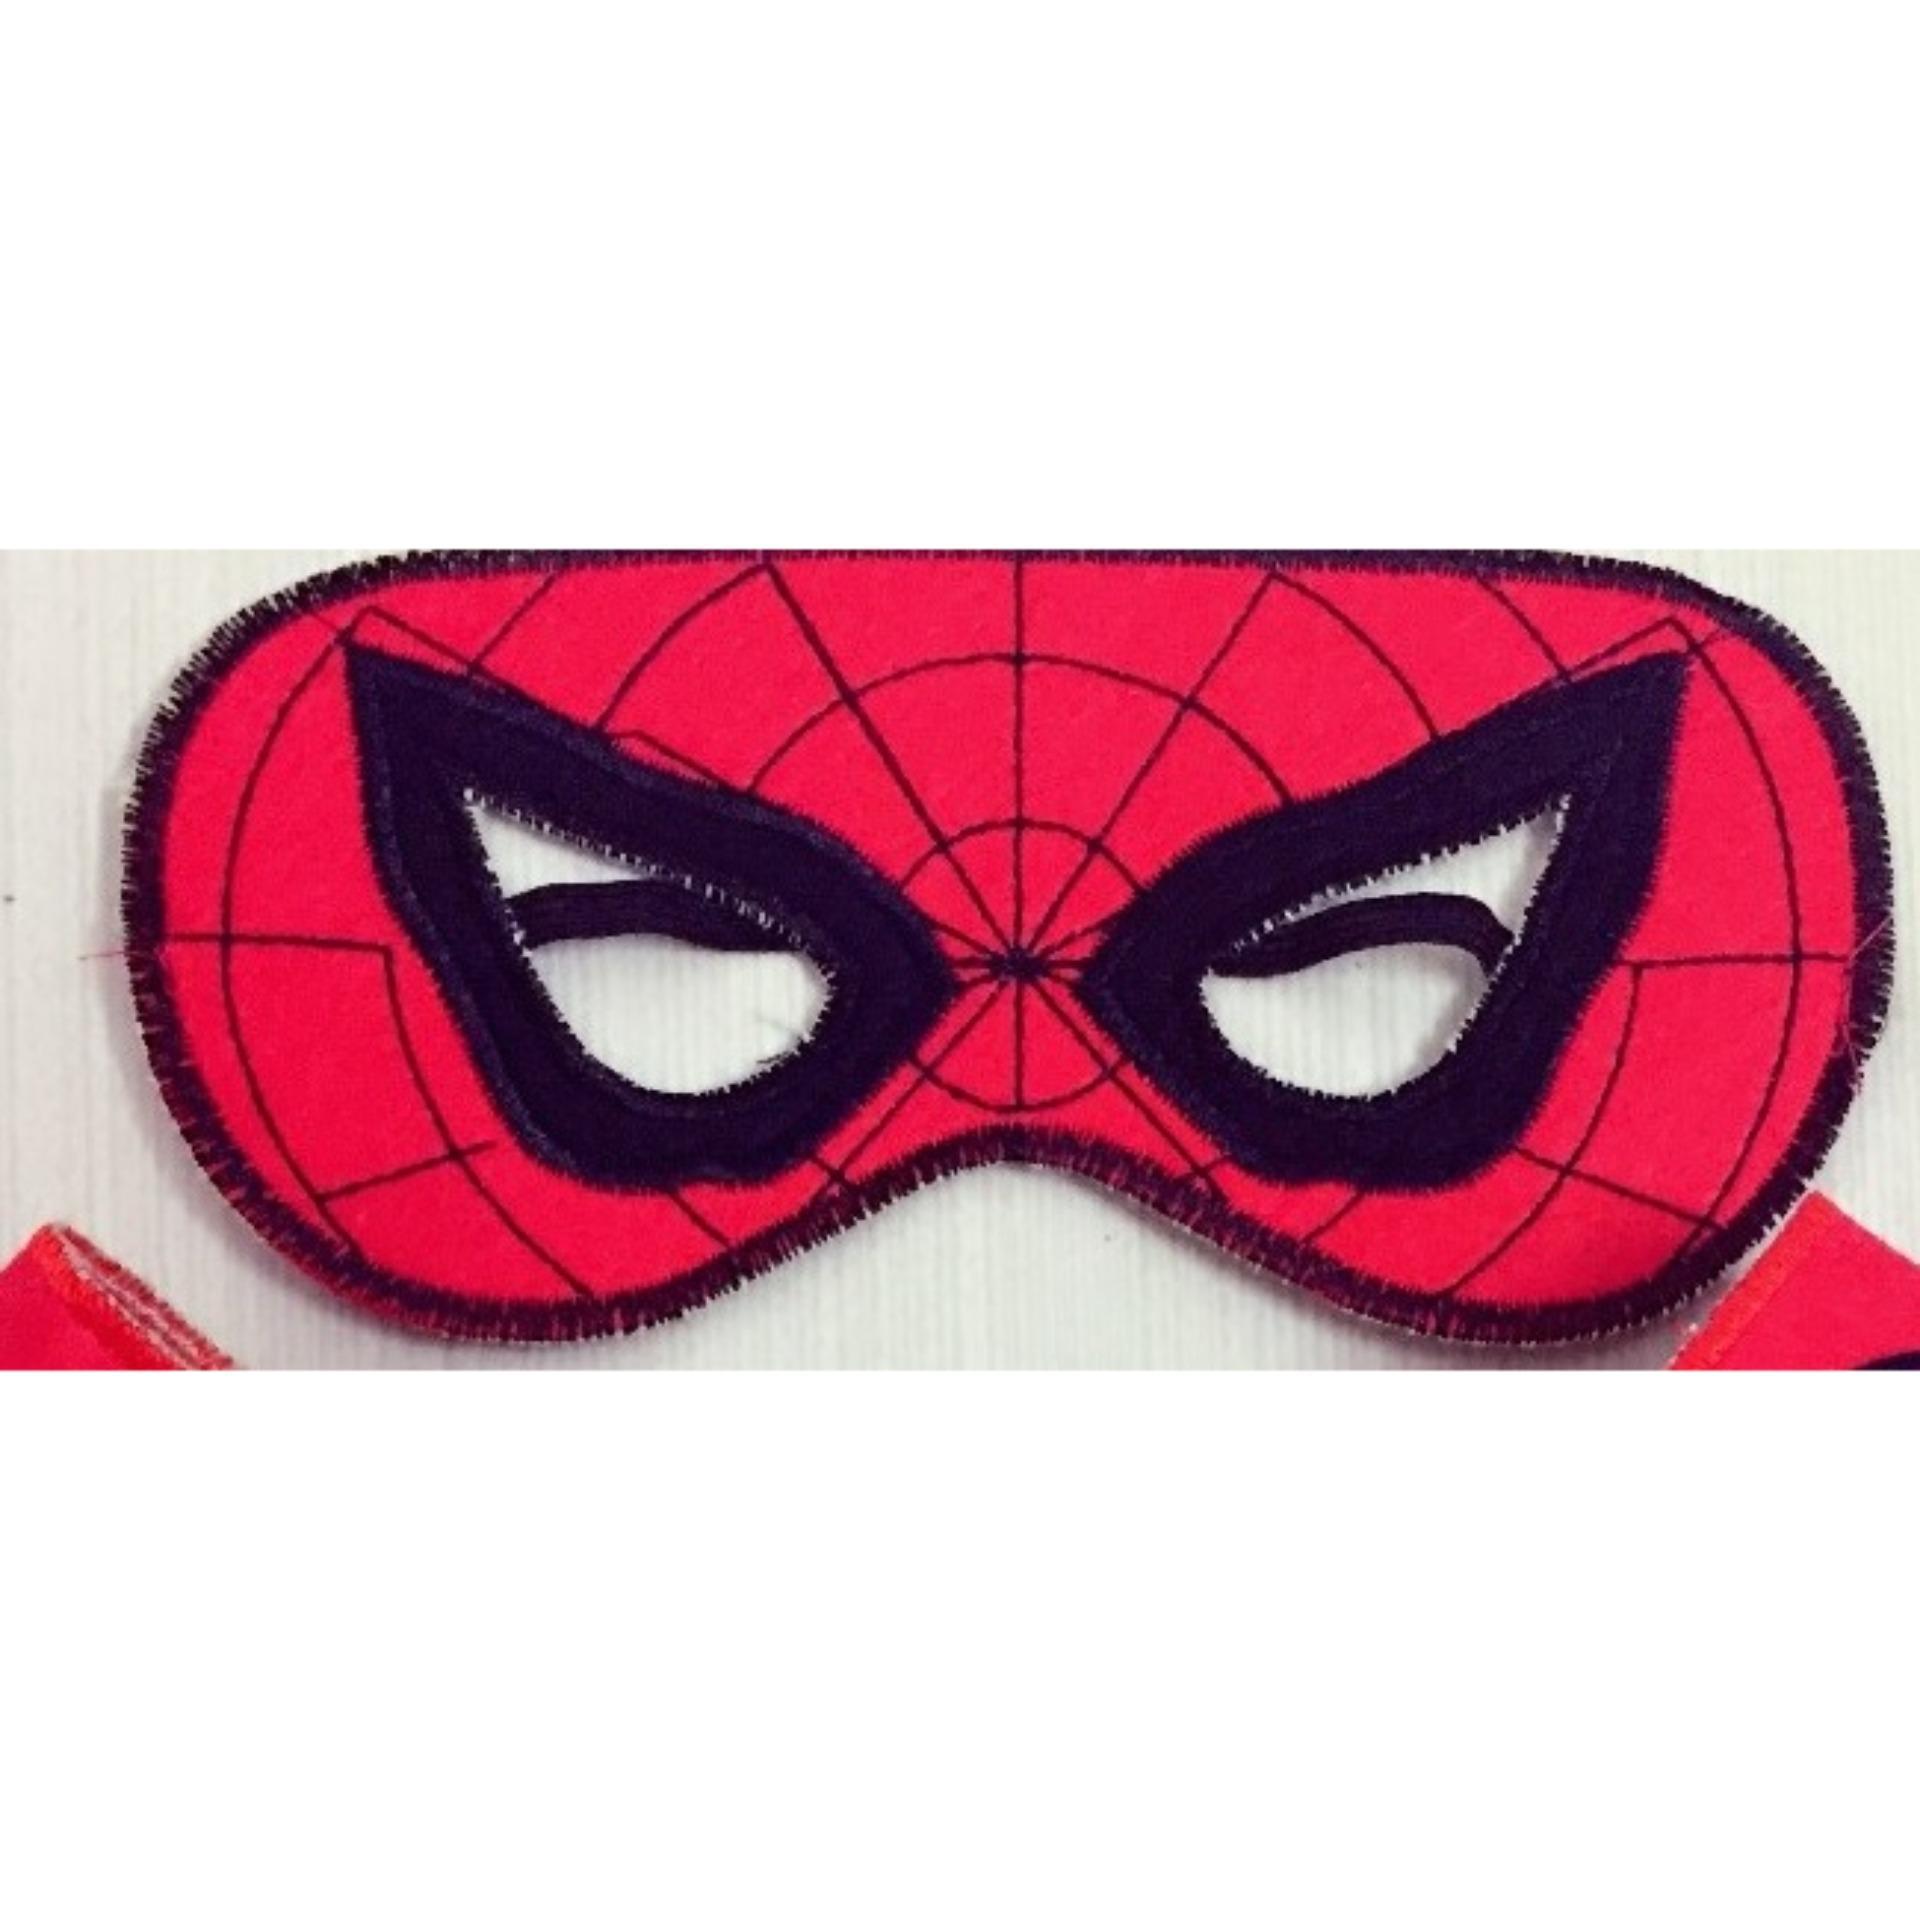 Hình ảnh Mặt nạ người nhện Spiderman